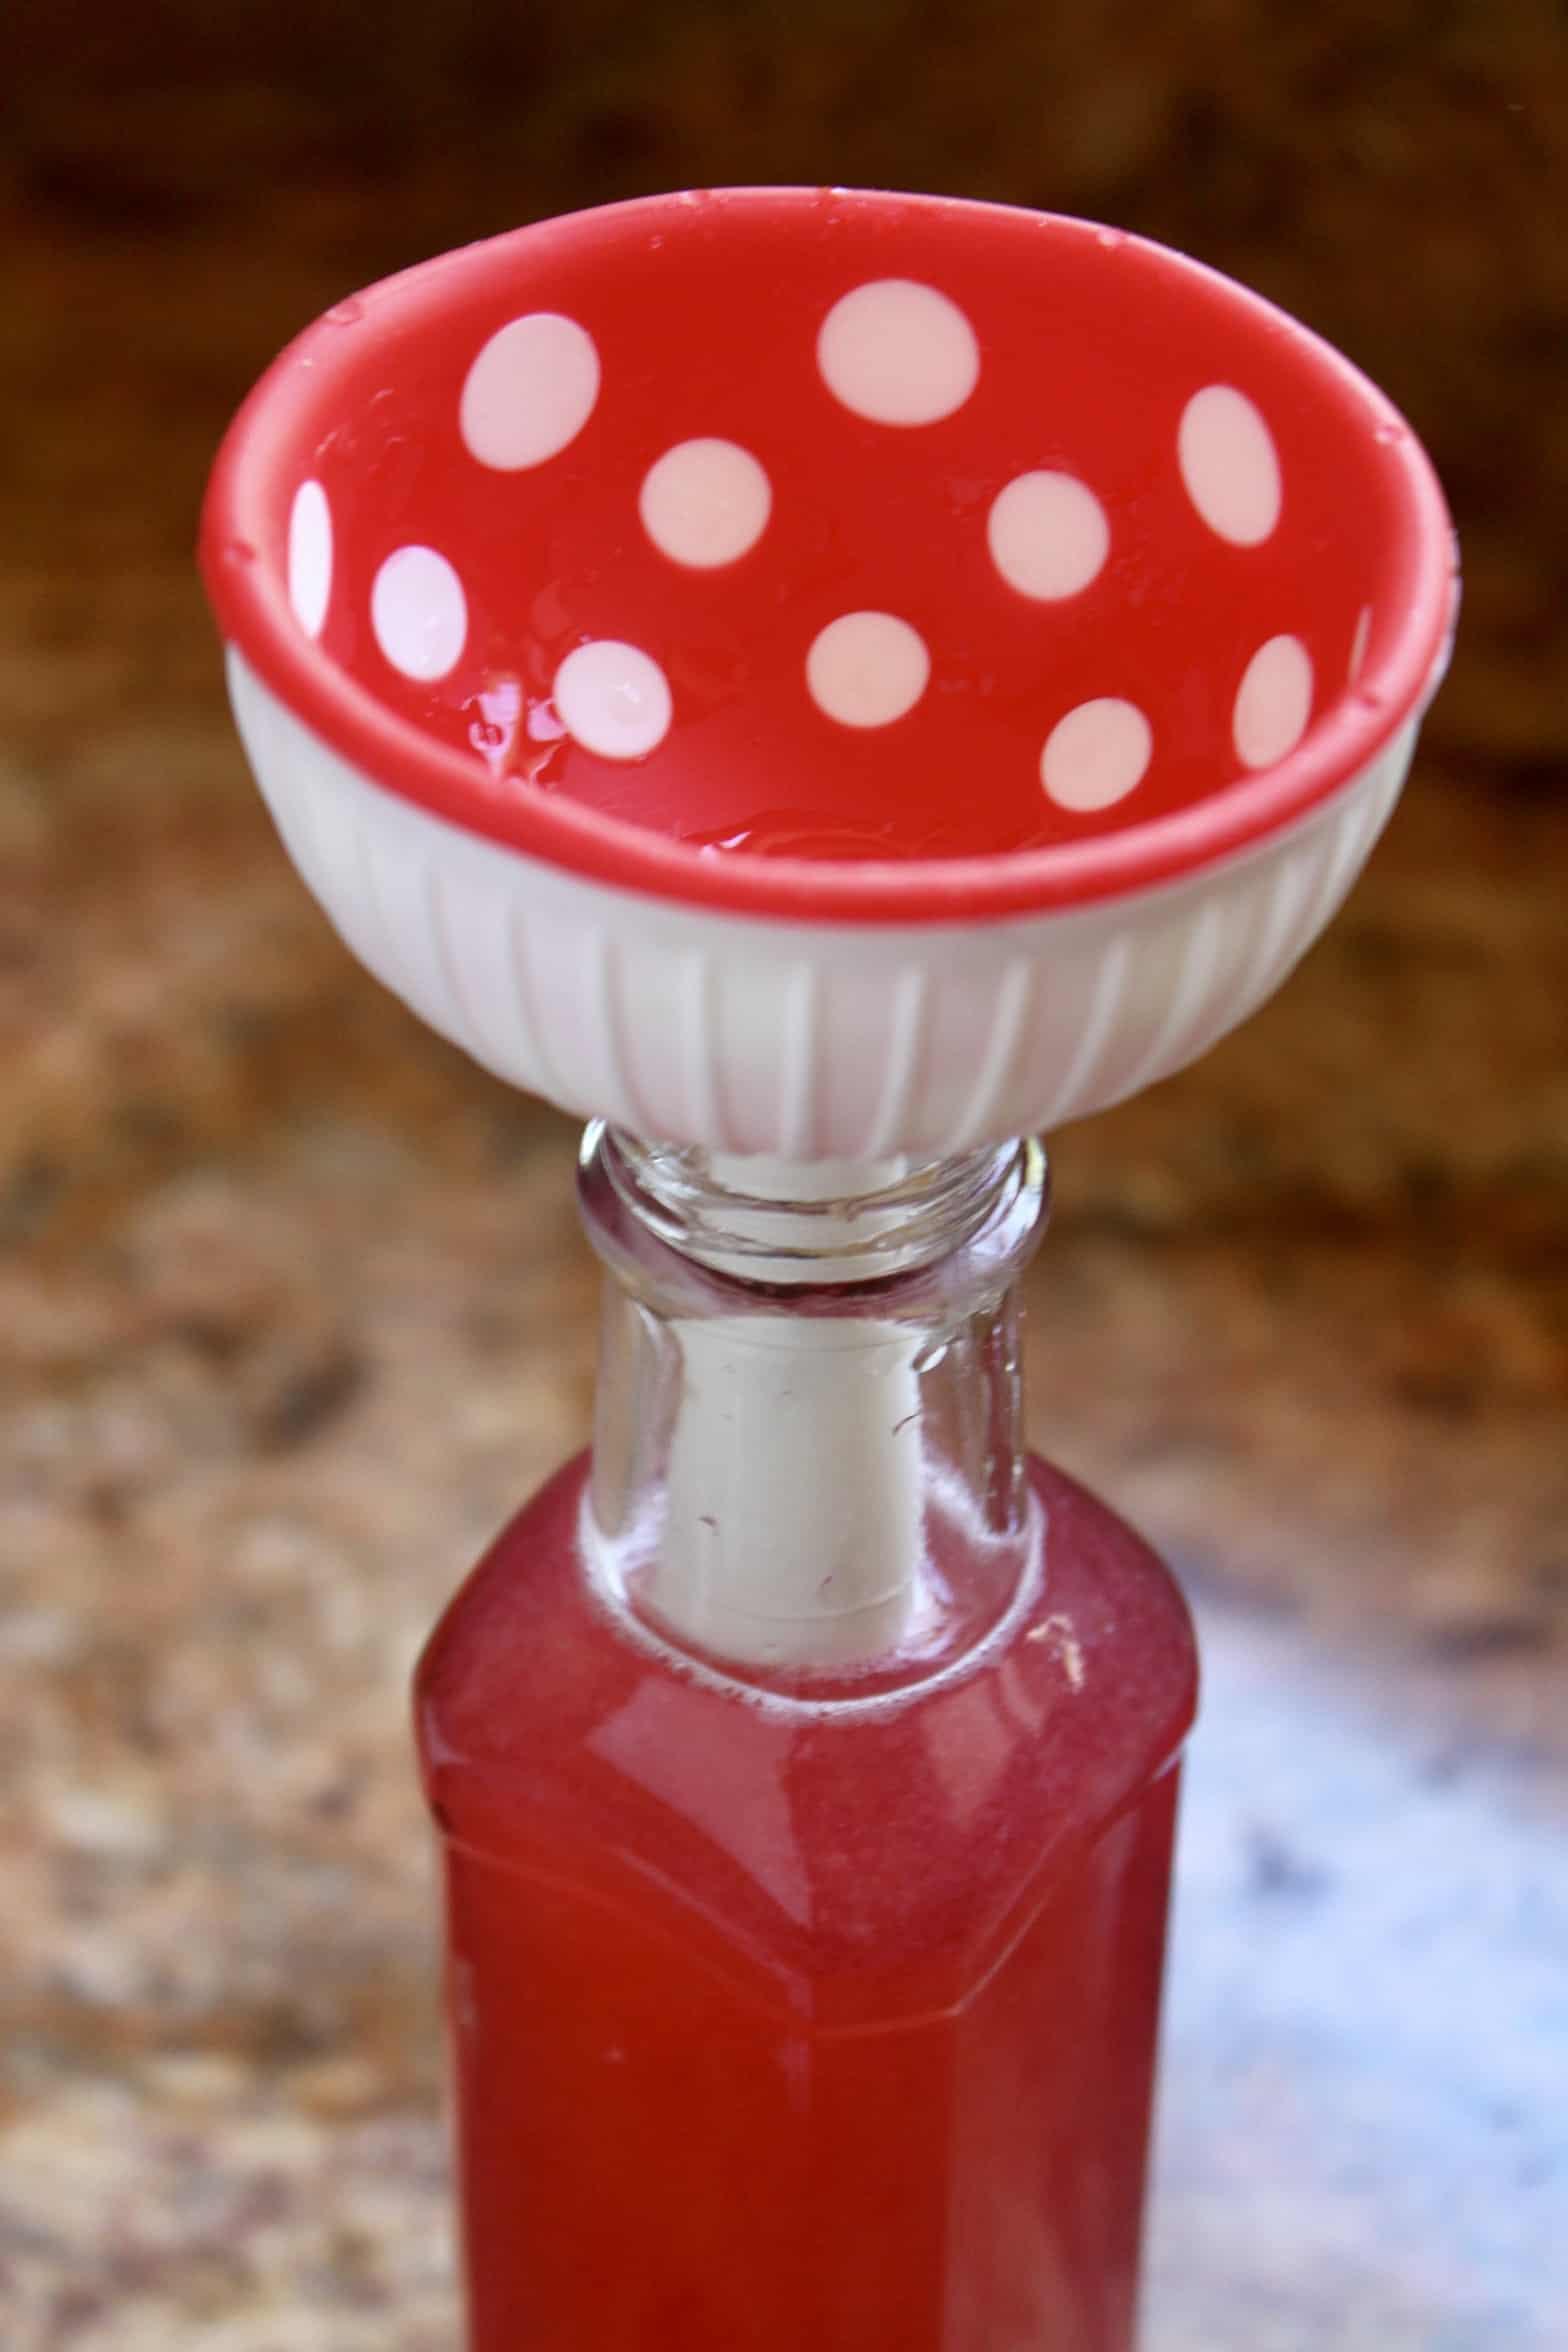 funnel in a bottle